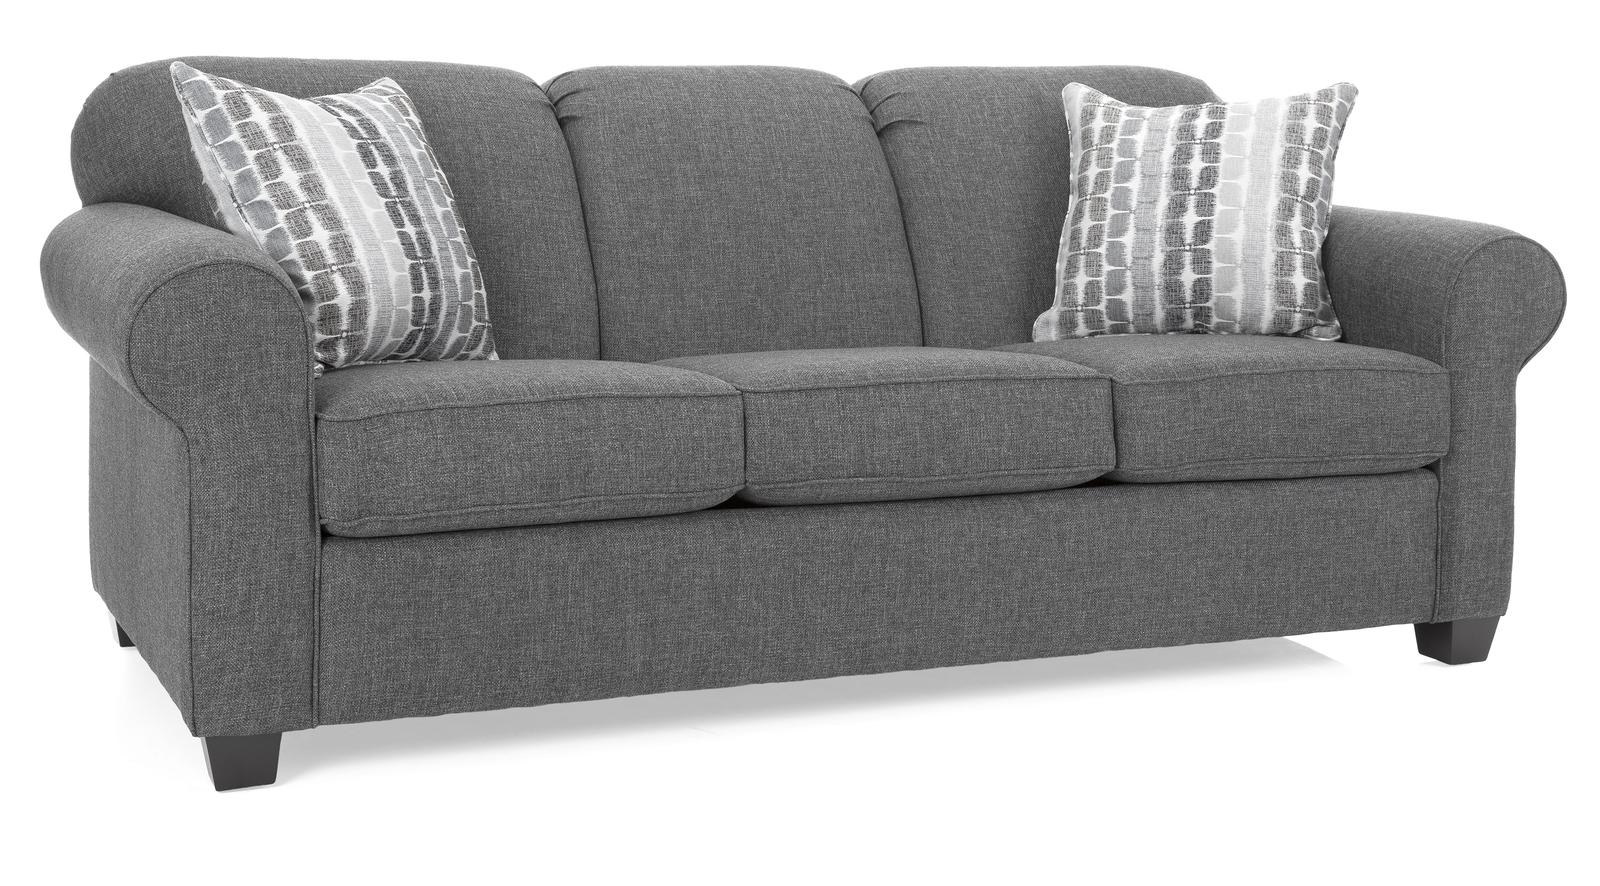 2455 Queen Sofa Bed Sleeper